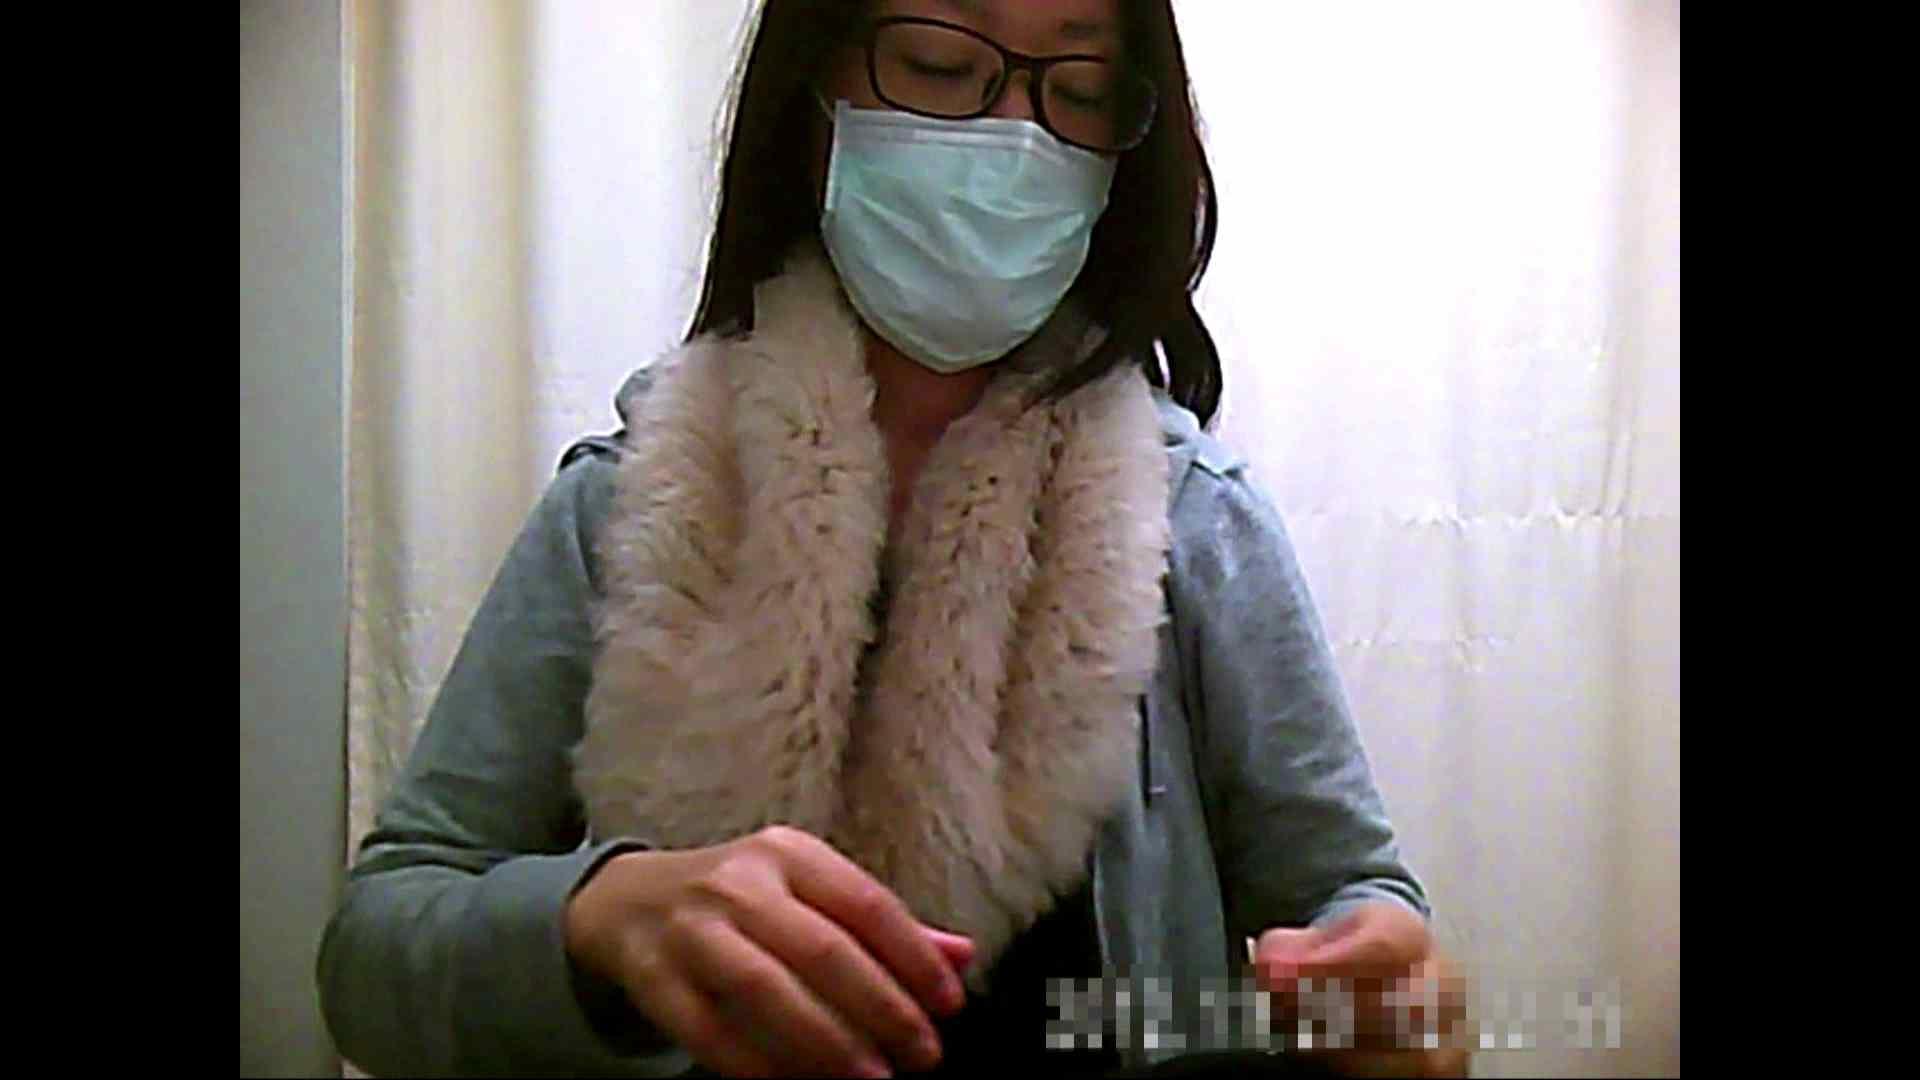 元医者による反抗 更衣室地獄絵巻 vol.141 OLハメ撮り  78Pix 76